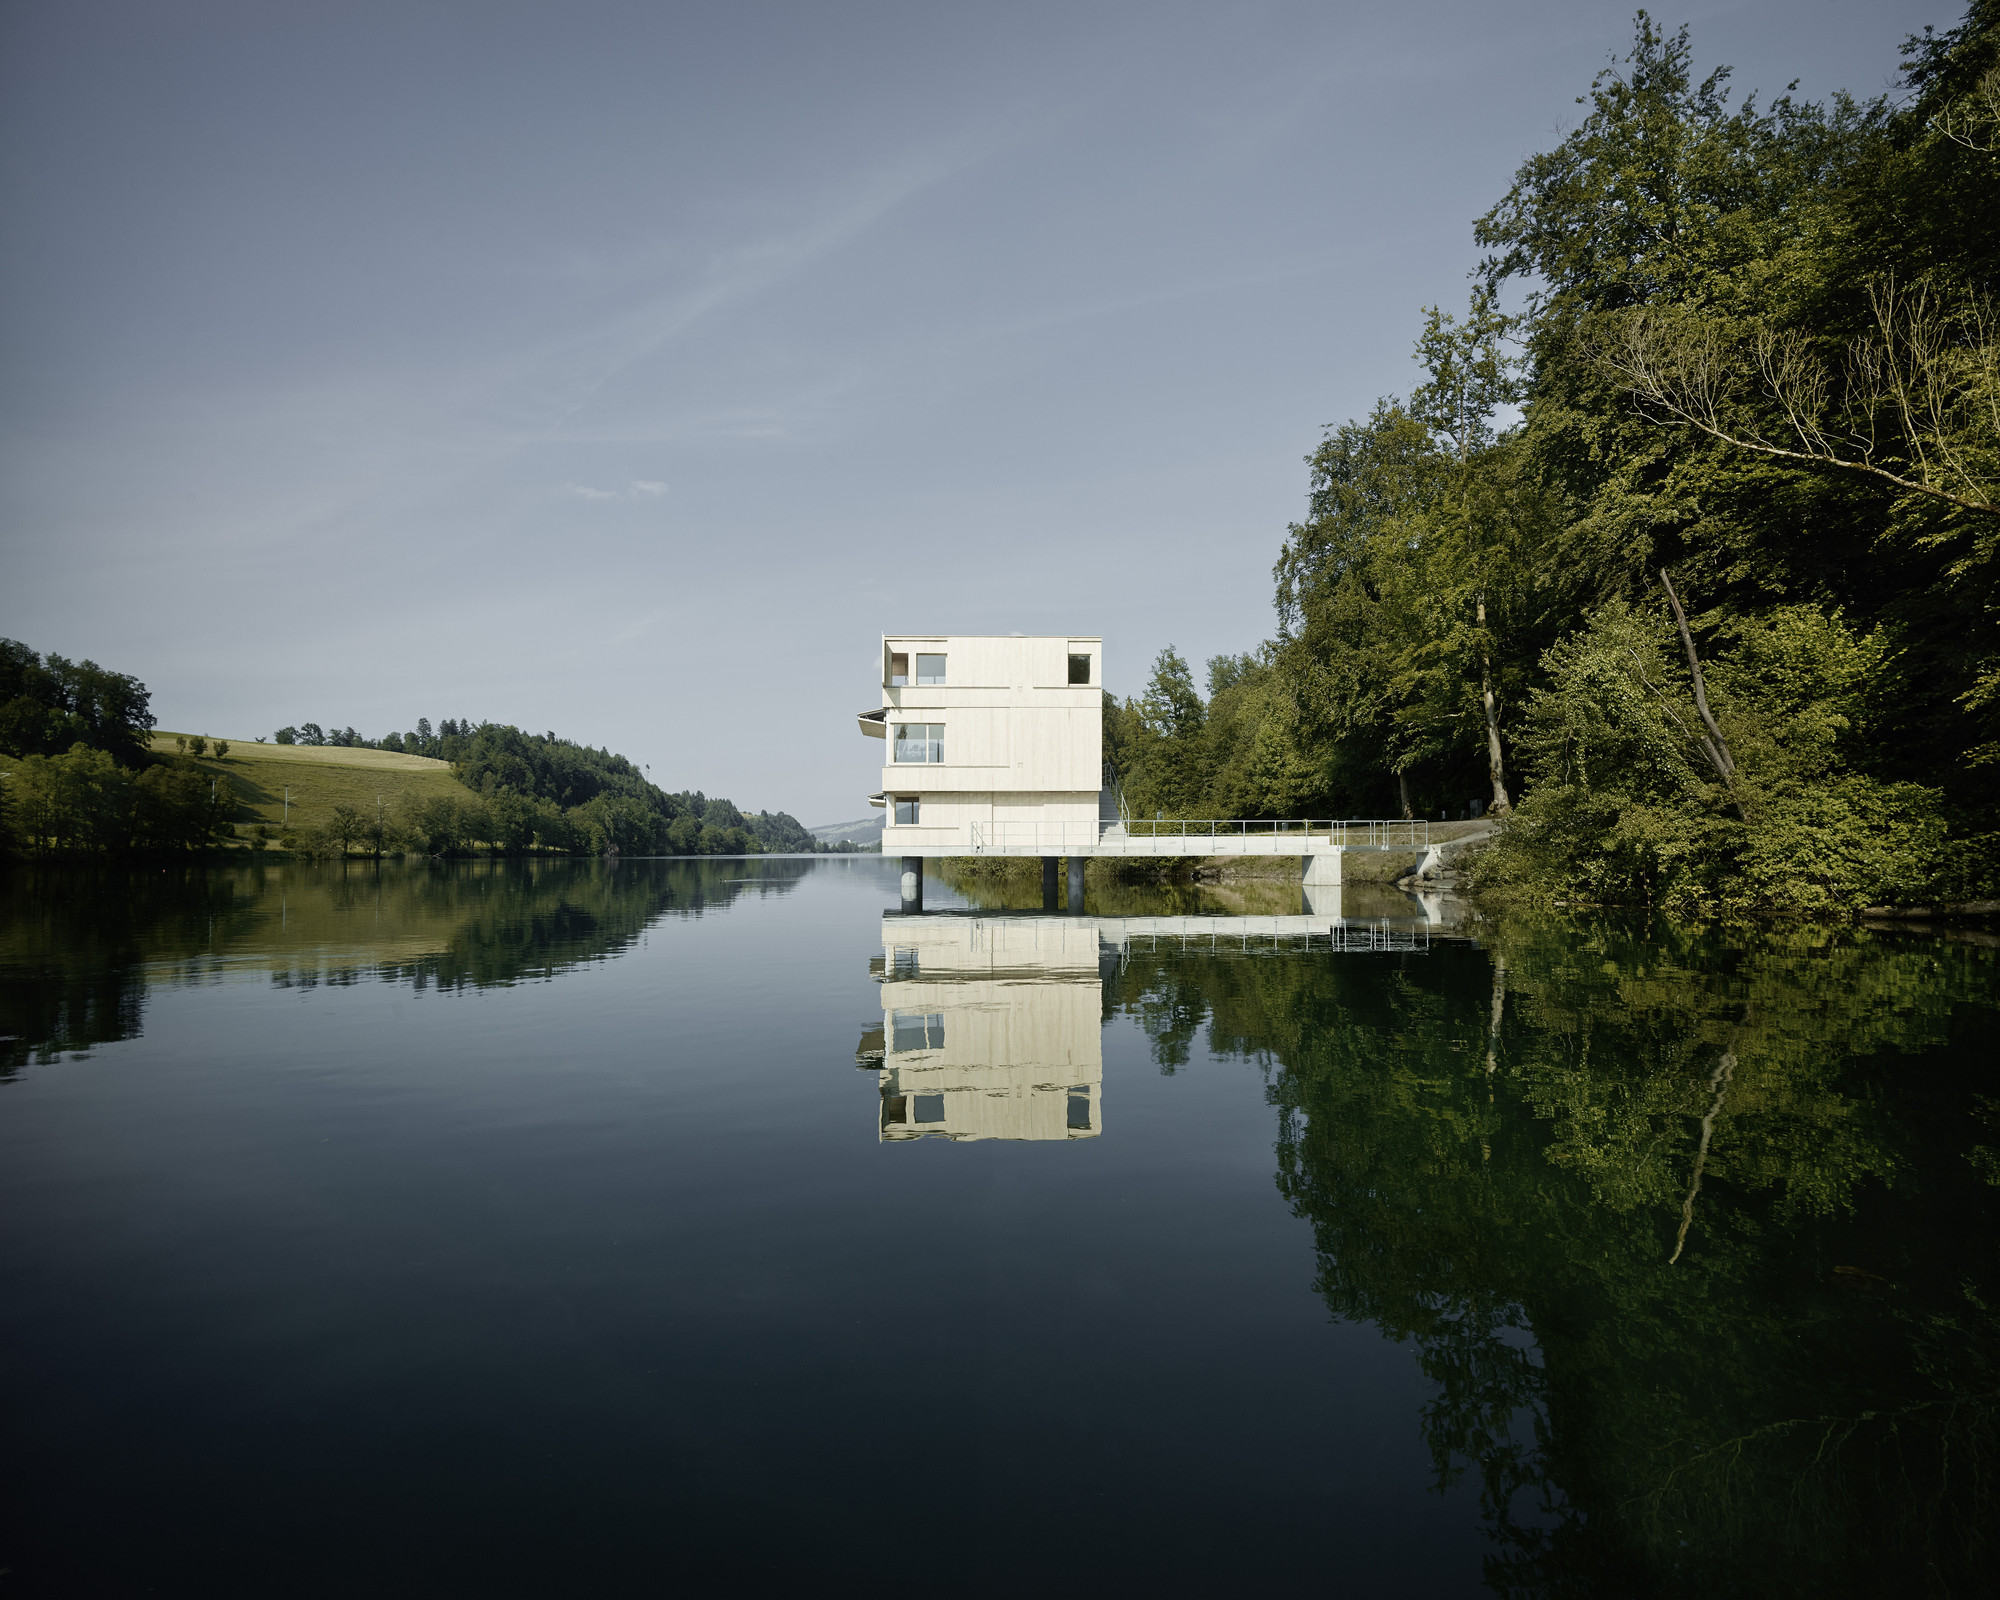 Lake Rotsee Refuge / AFGH